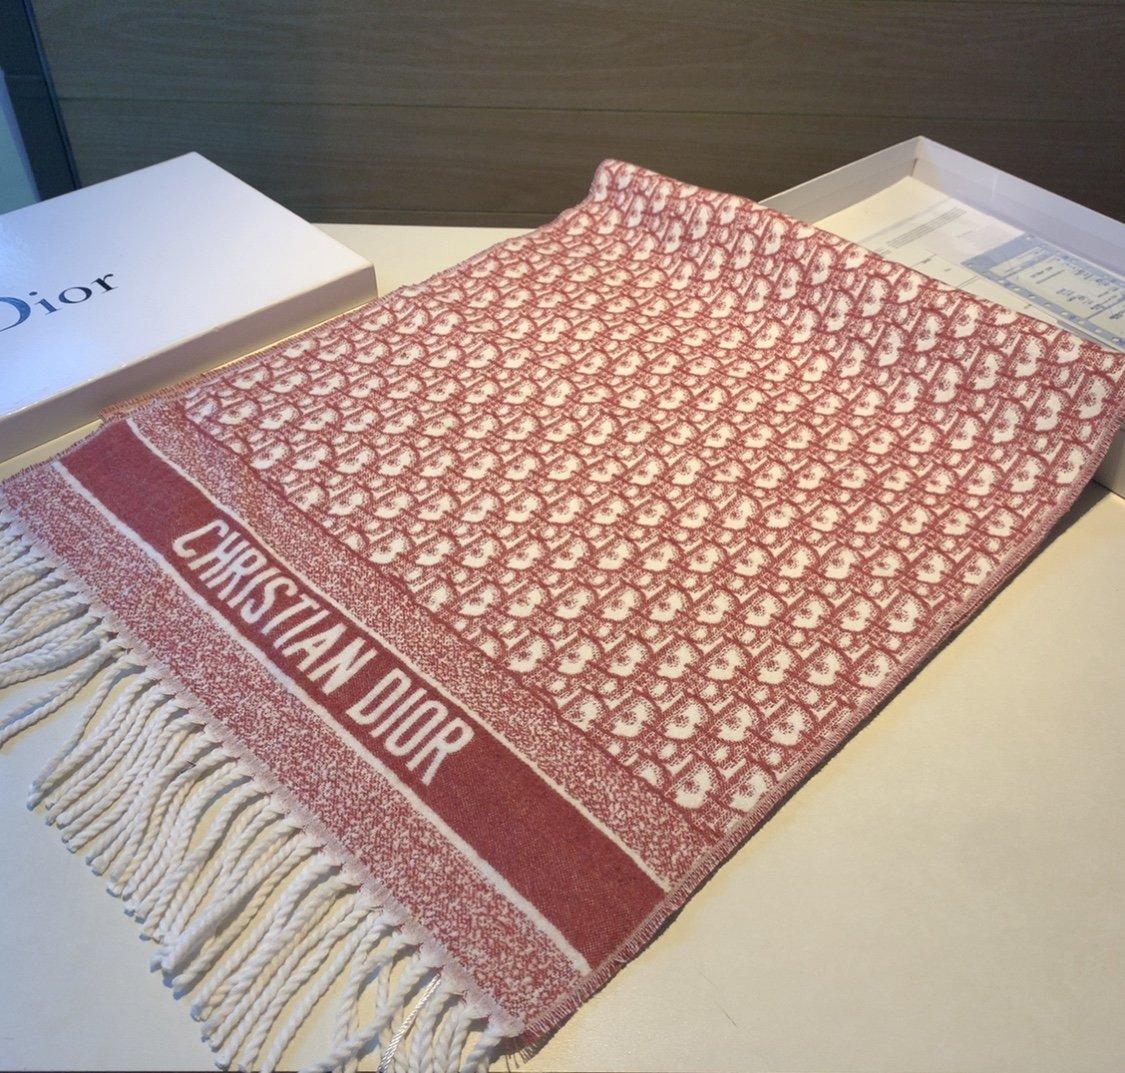 迪奥Dior明星同款千鸟格围巾经典款